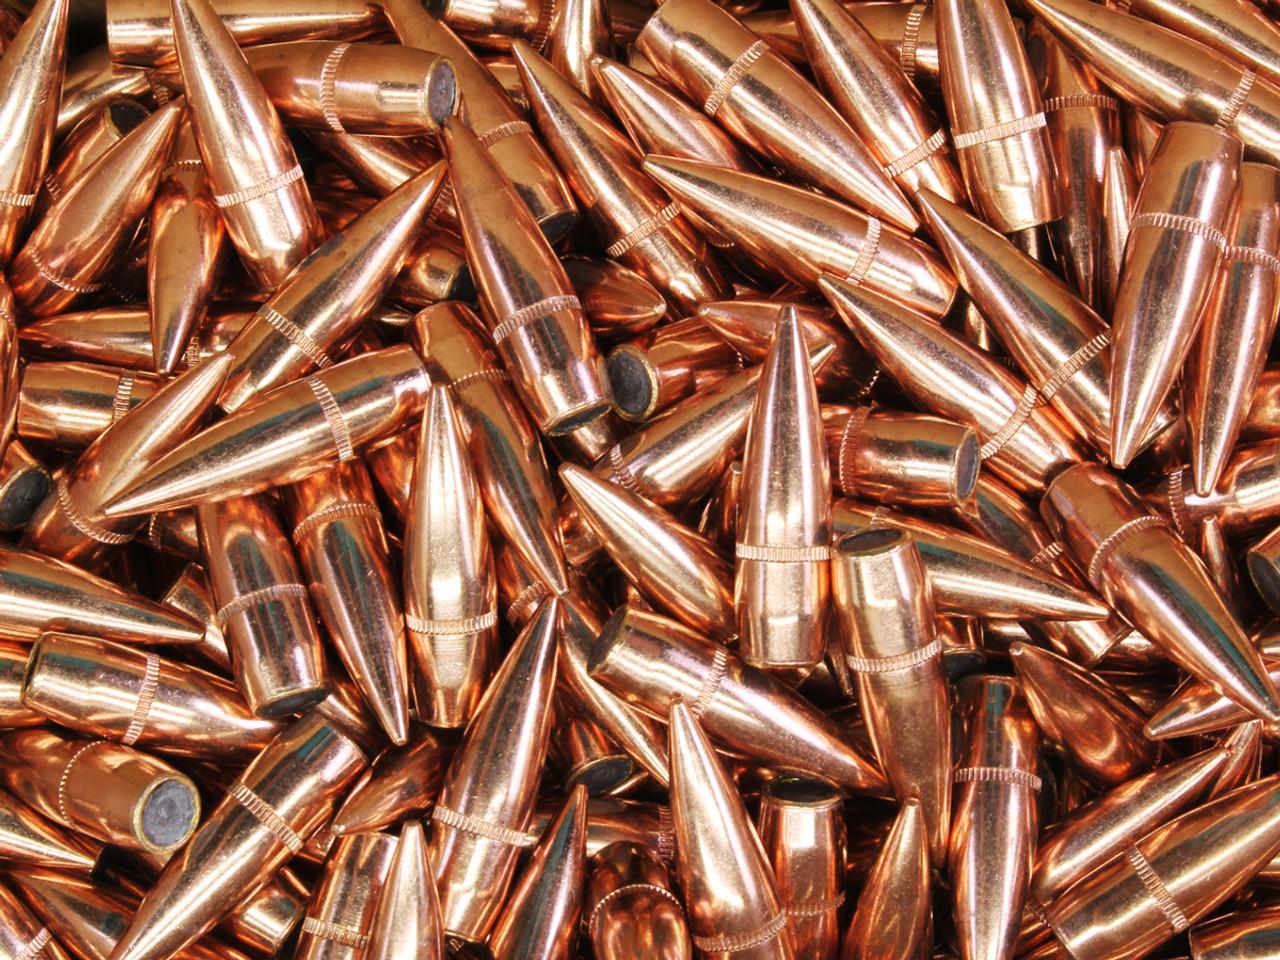 Surplusammo Com Surplus Ammo 308 Caliber Bullets Armscor 147 Grain Fmj Bt